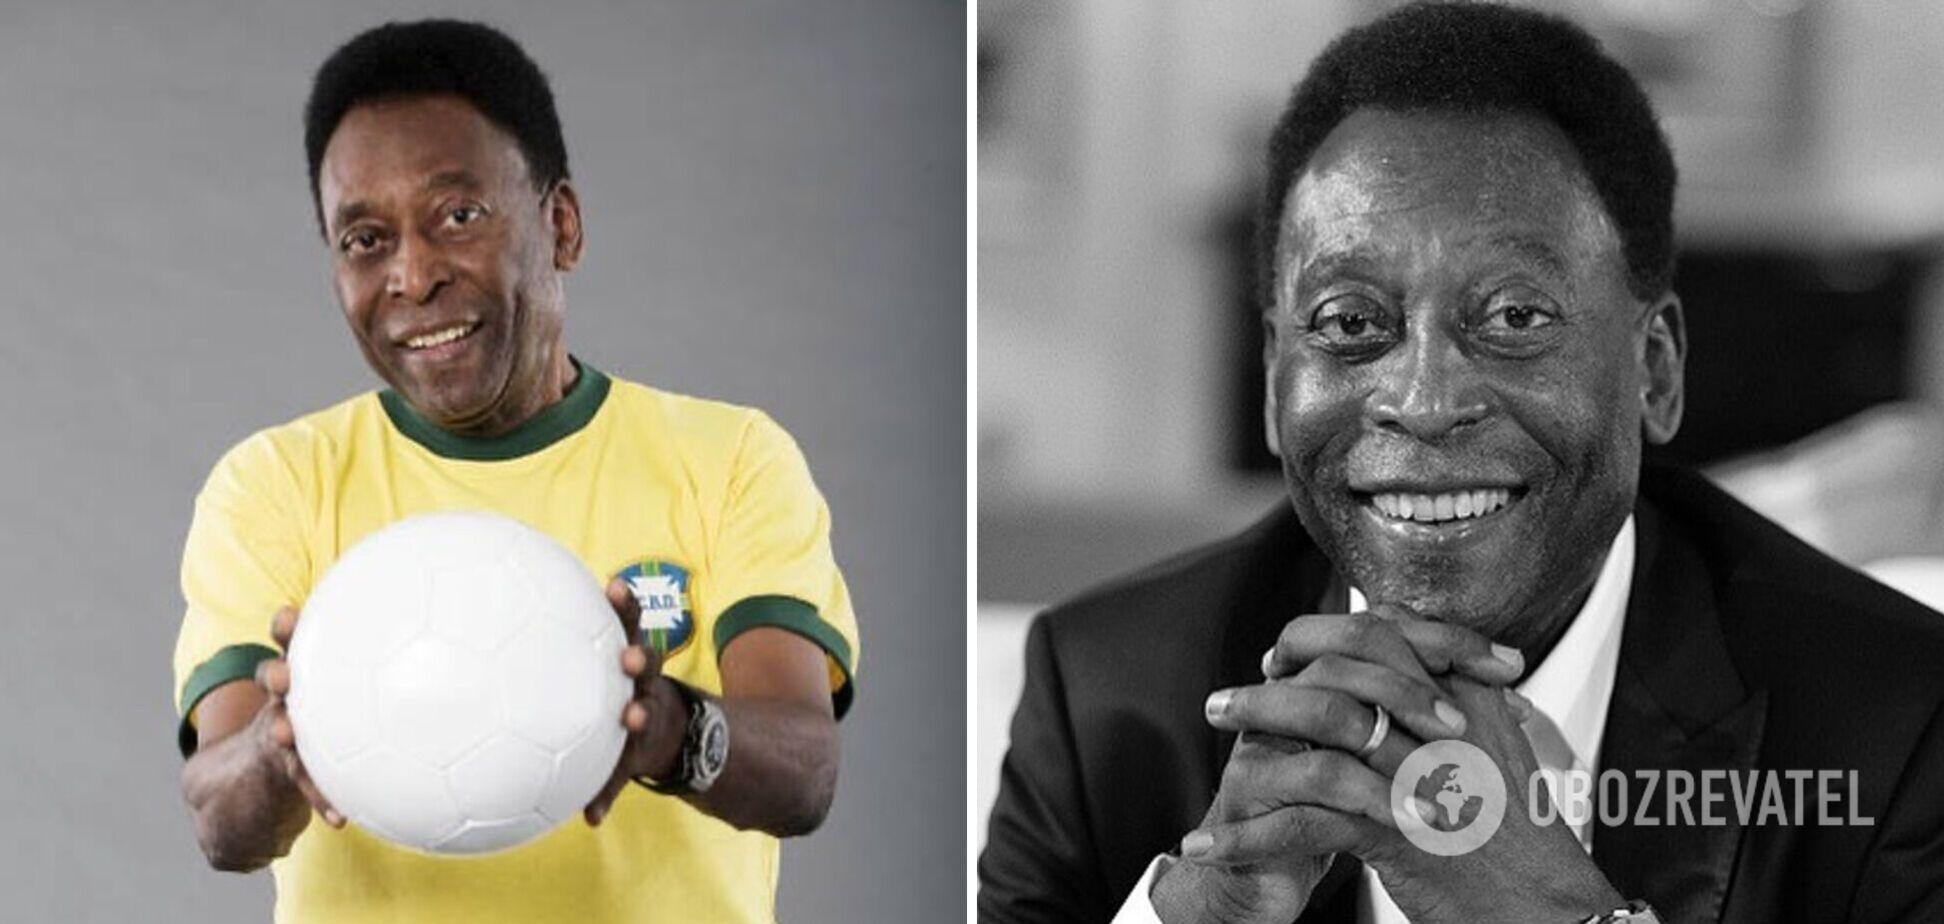 Король футболу Пеле видалення пухлини